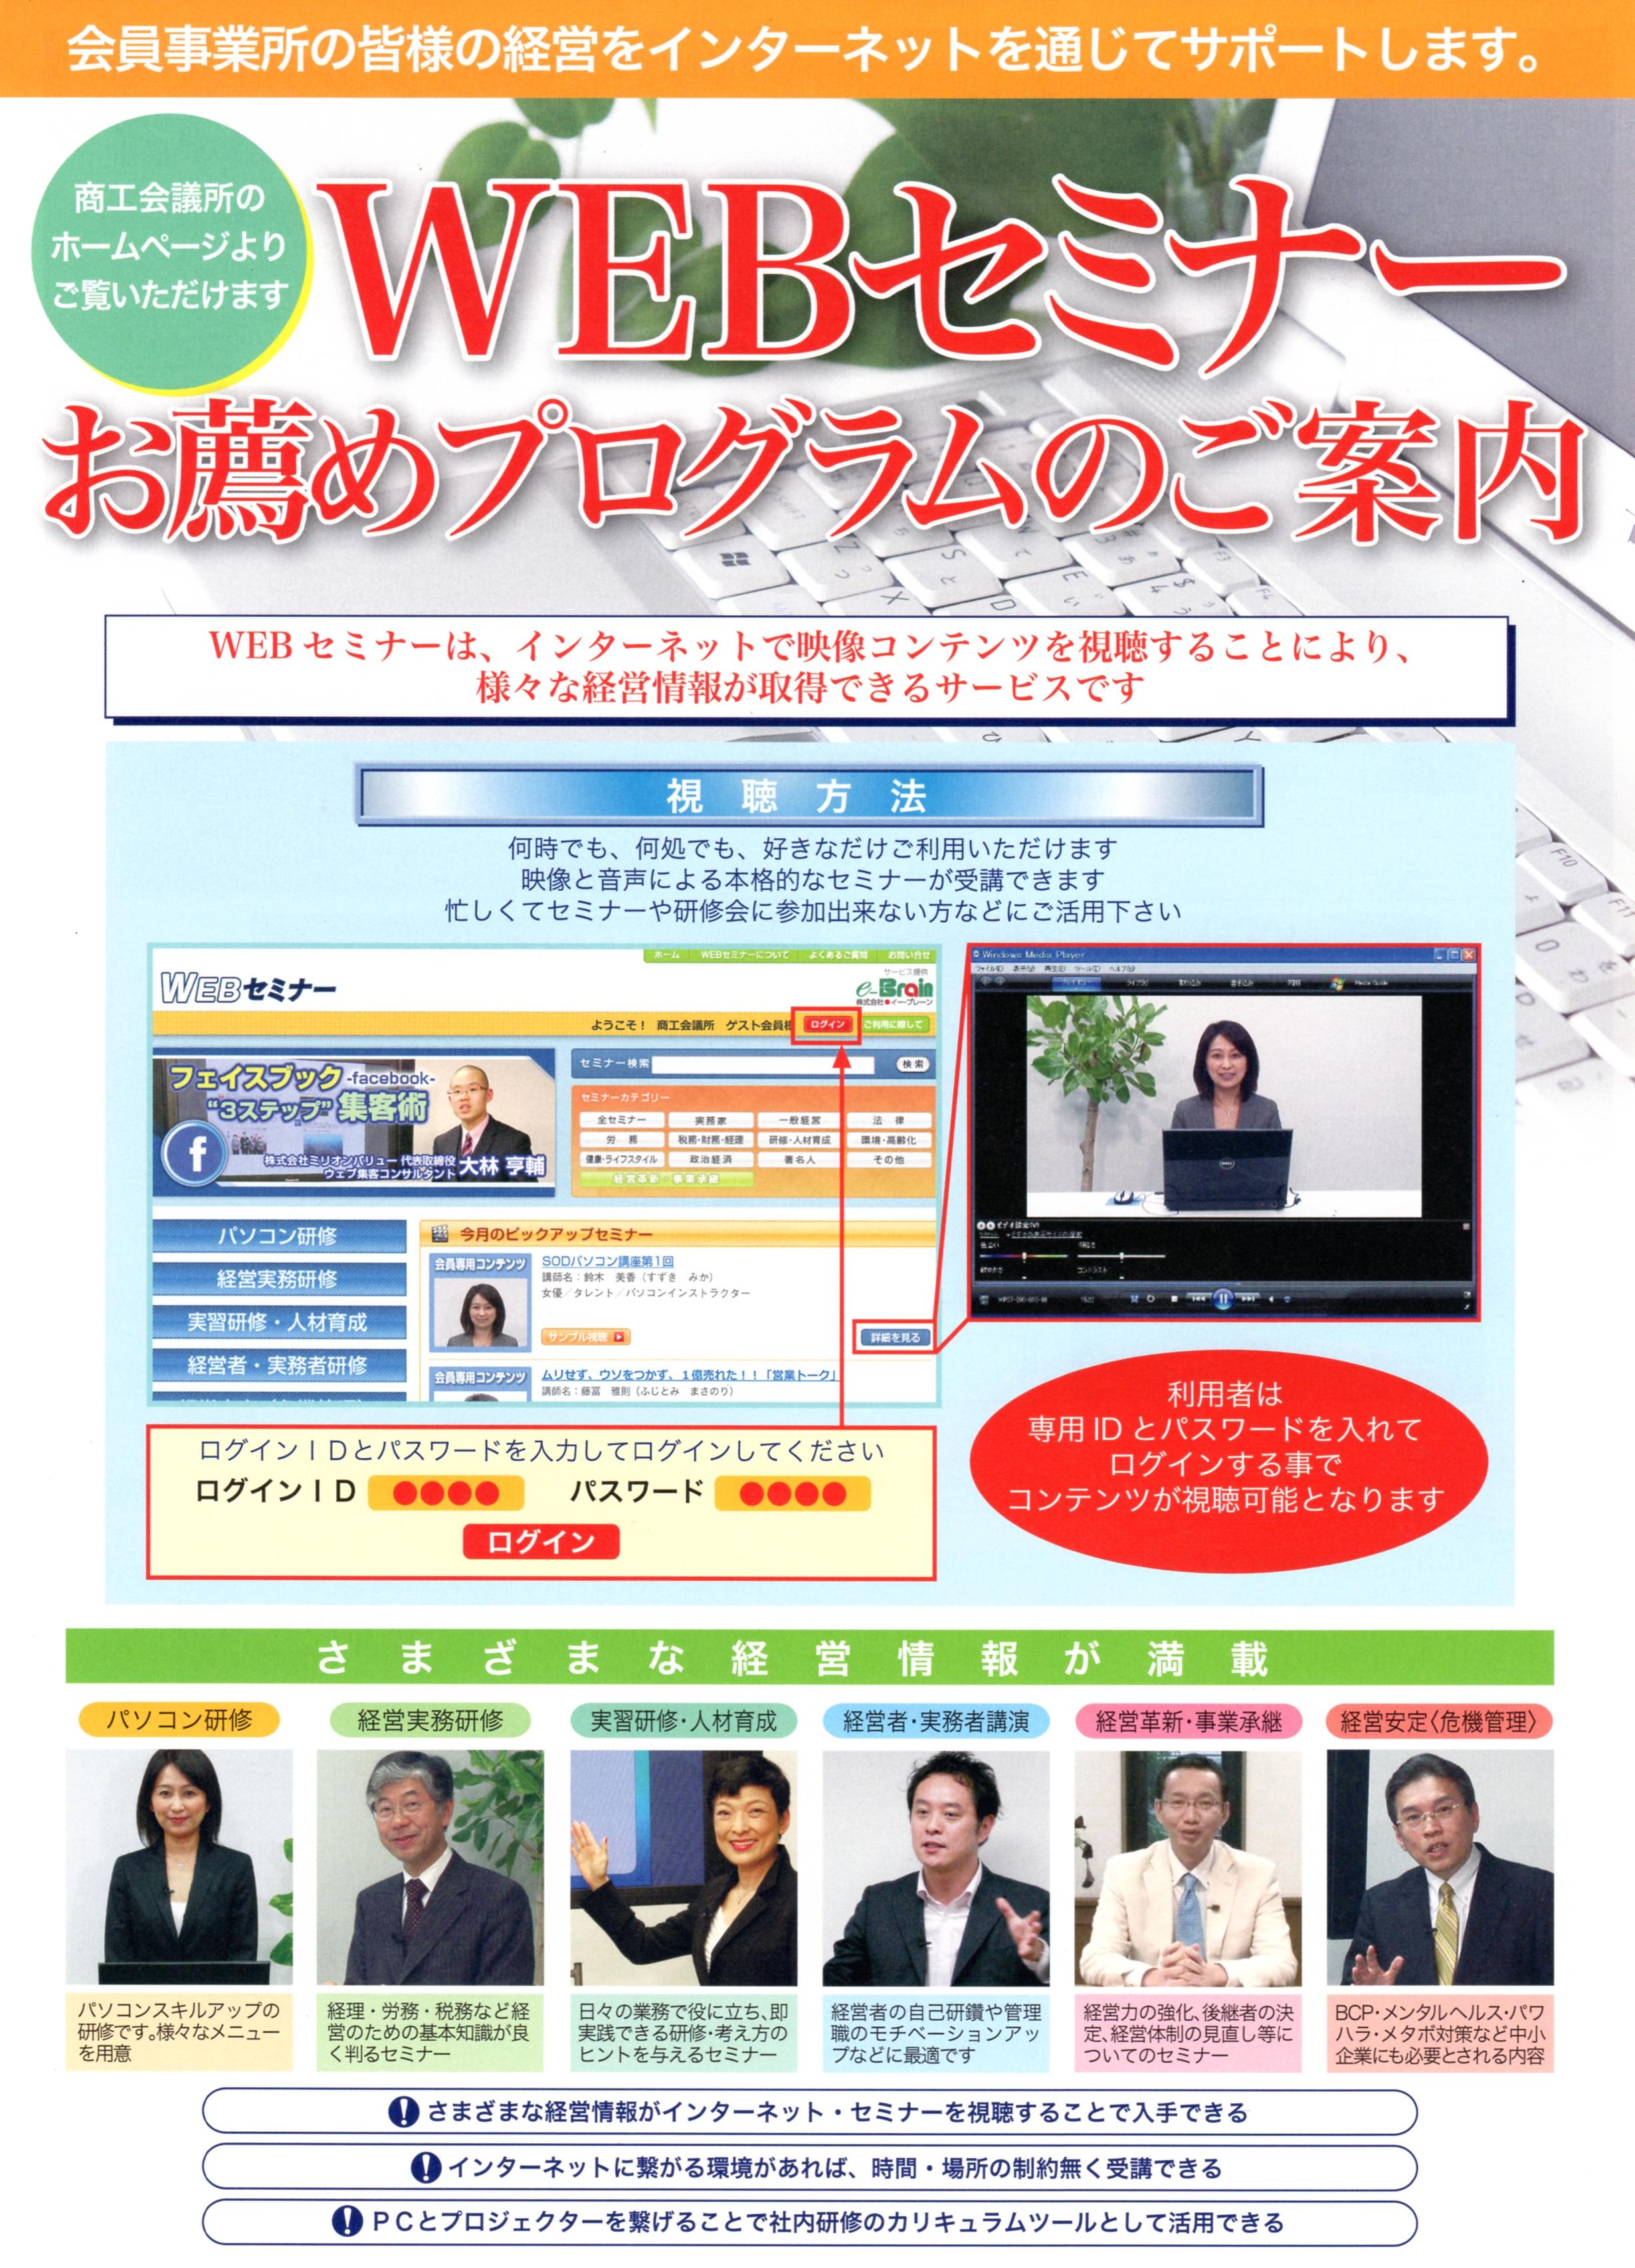 竹原商工会議所WEBセミナーのイメージ